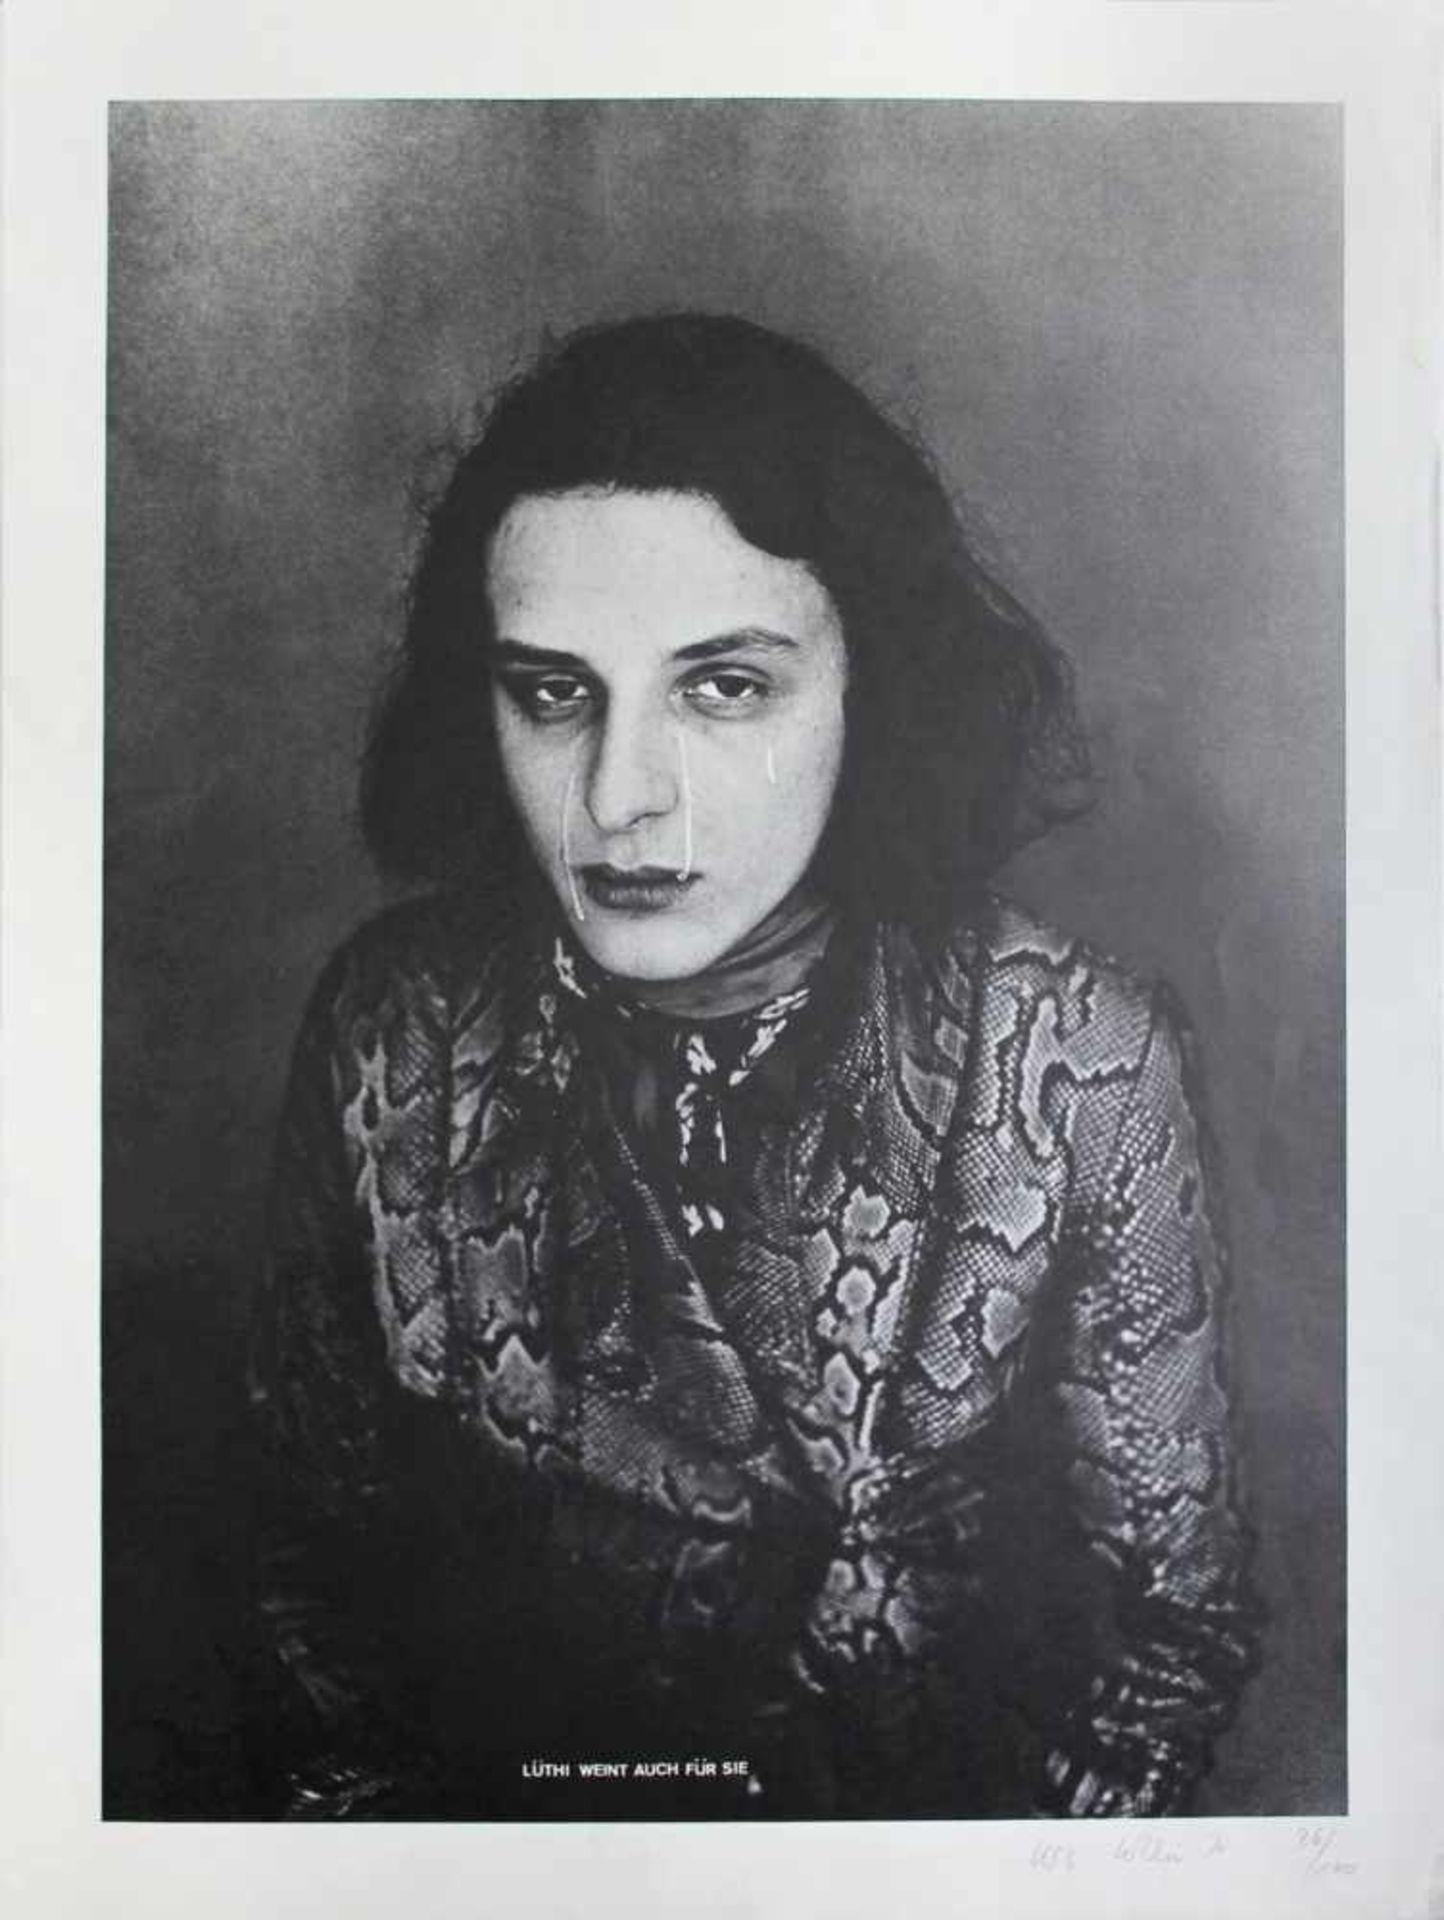 Urs Lüthi geb. 1947 Lüthi weint auch für Sie 1974 Offsetlithographie handsigniert, datiert und